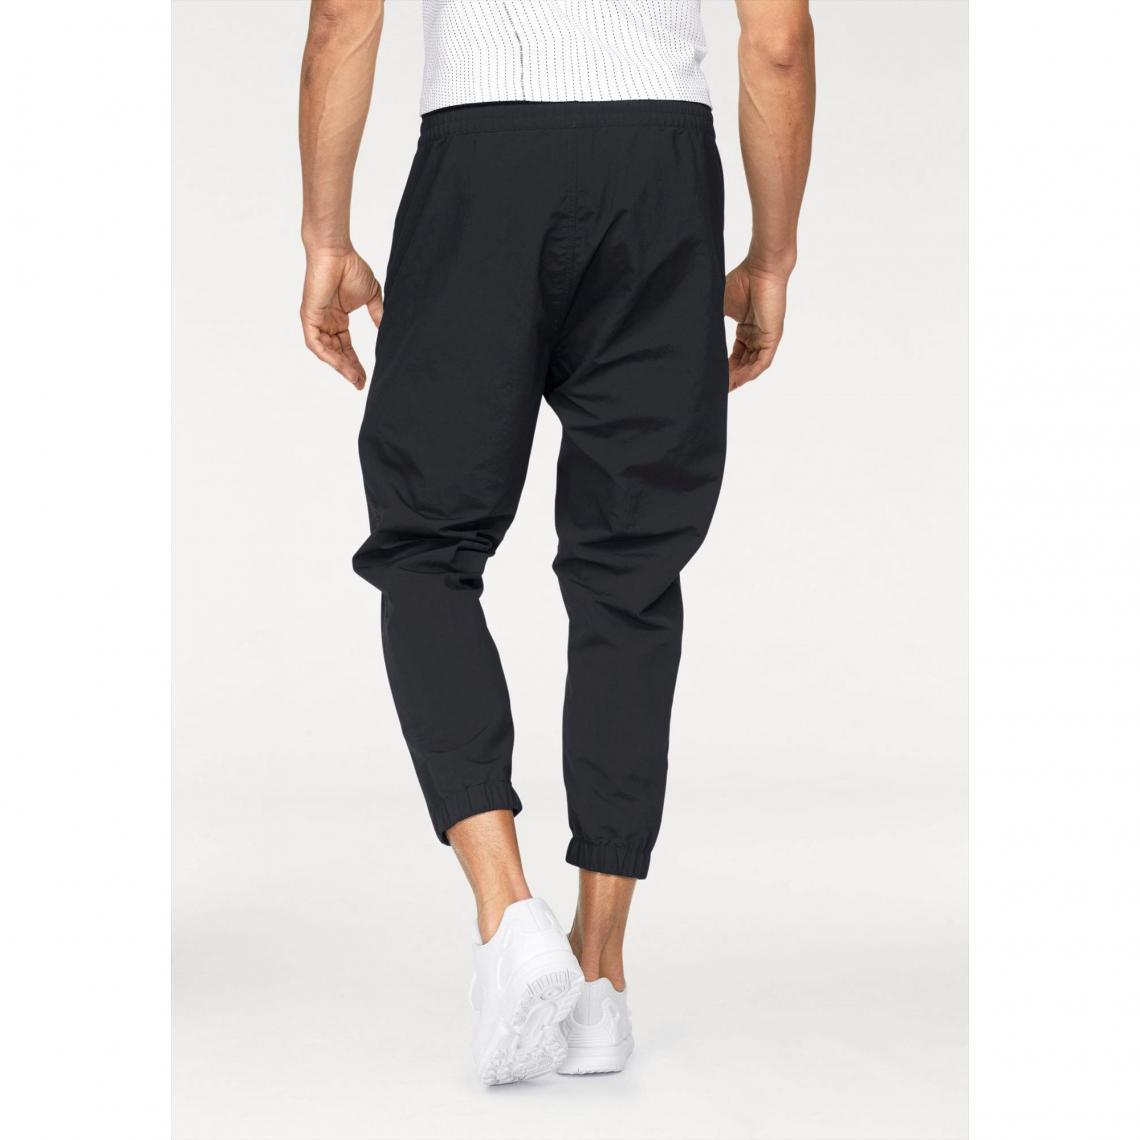 851dfb9353140 Pantacourt de survêtement homme adidas Originals® - Noir | 3 SUISSES